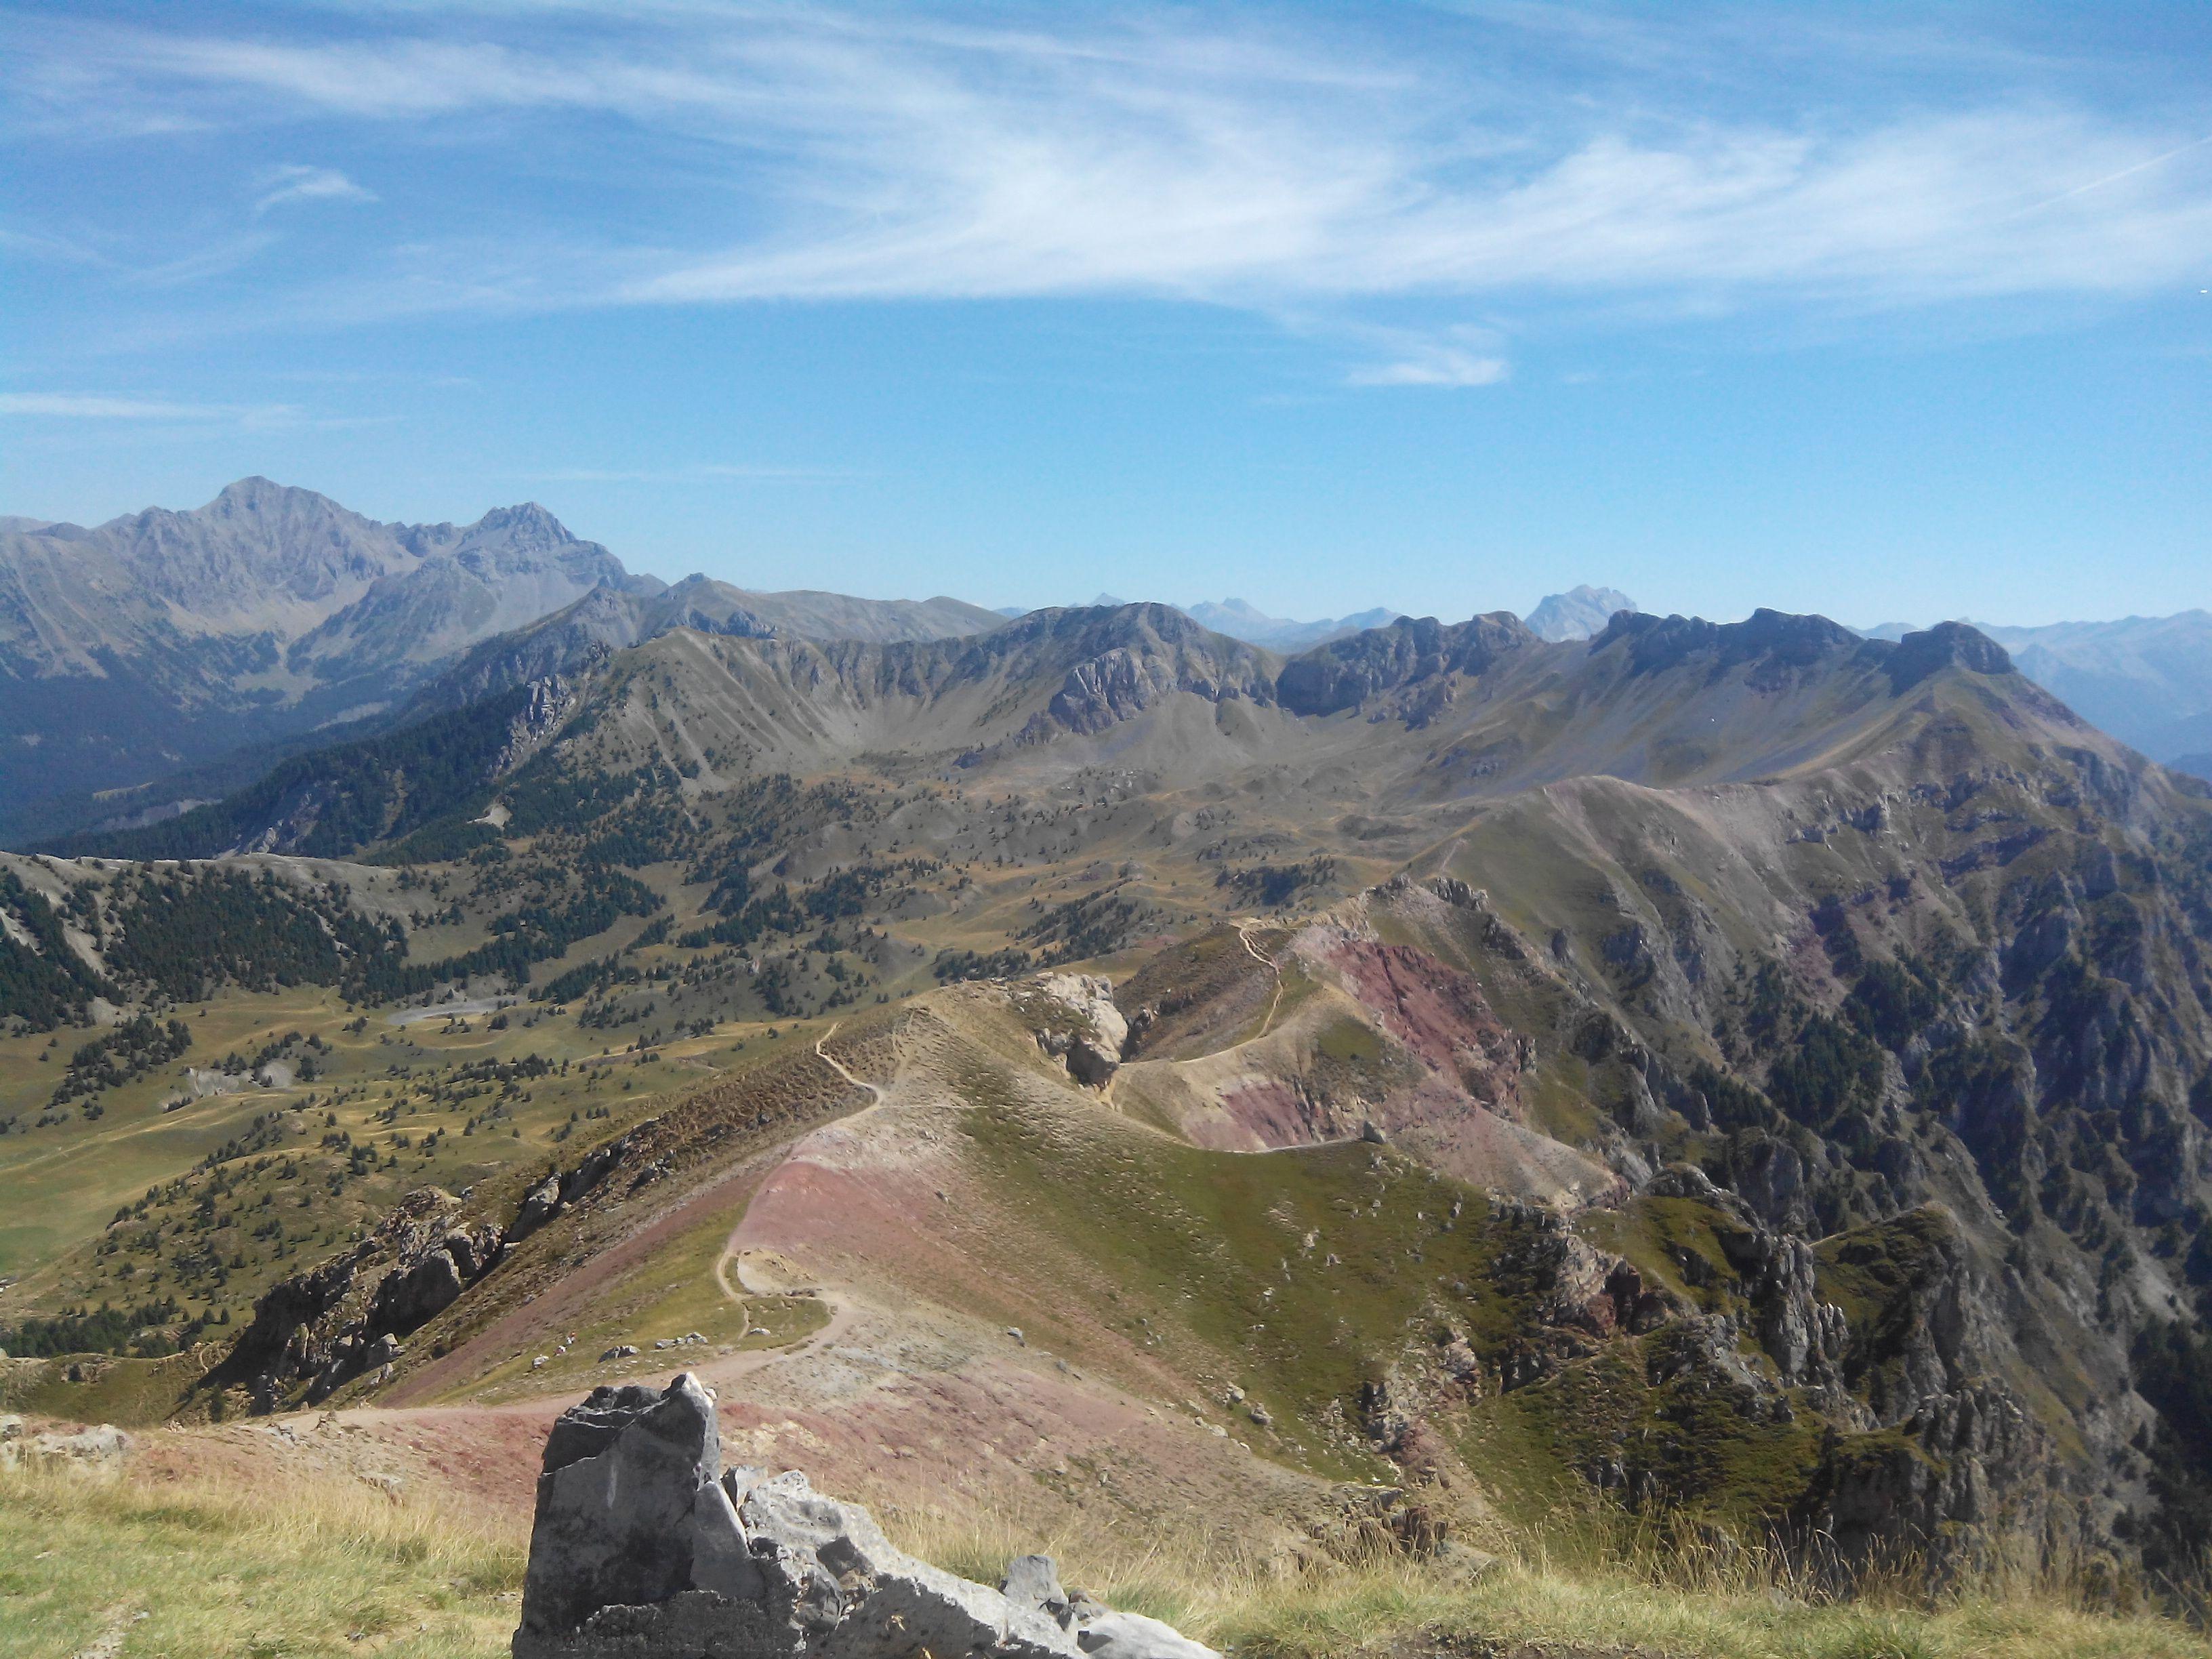 En haut du morgon photo de sophie josselin office de tourisme de ch teauroux les alpes serre - Office de tourisme chateauroux ...